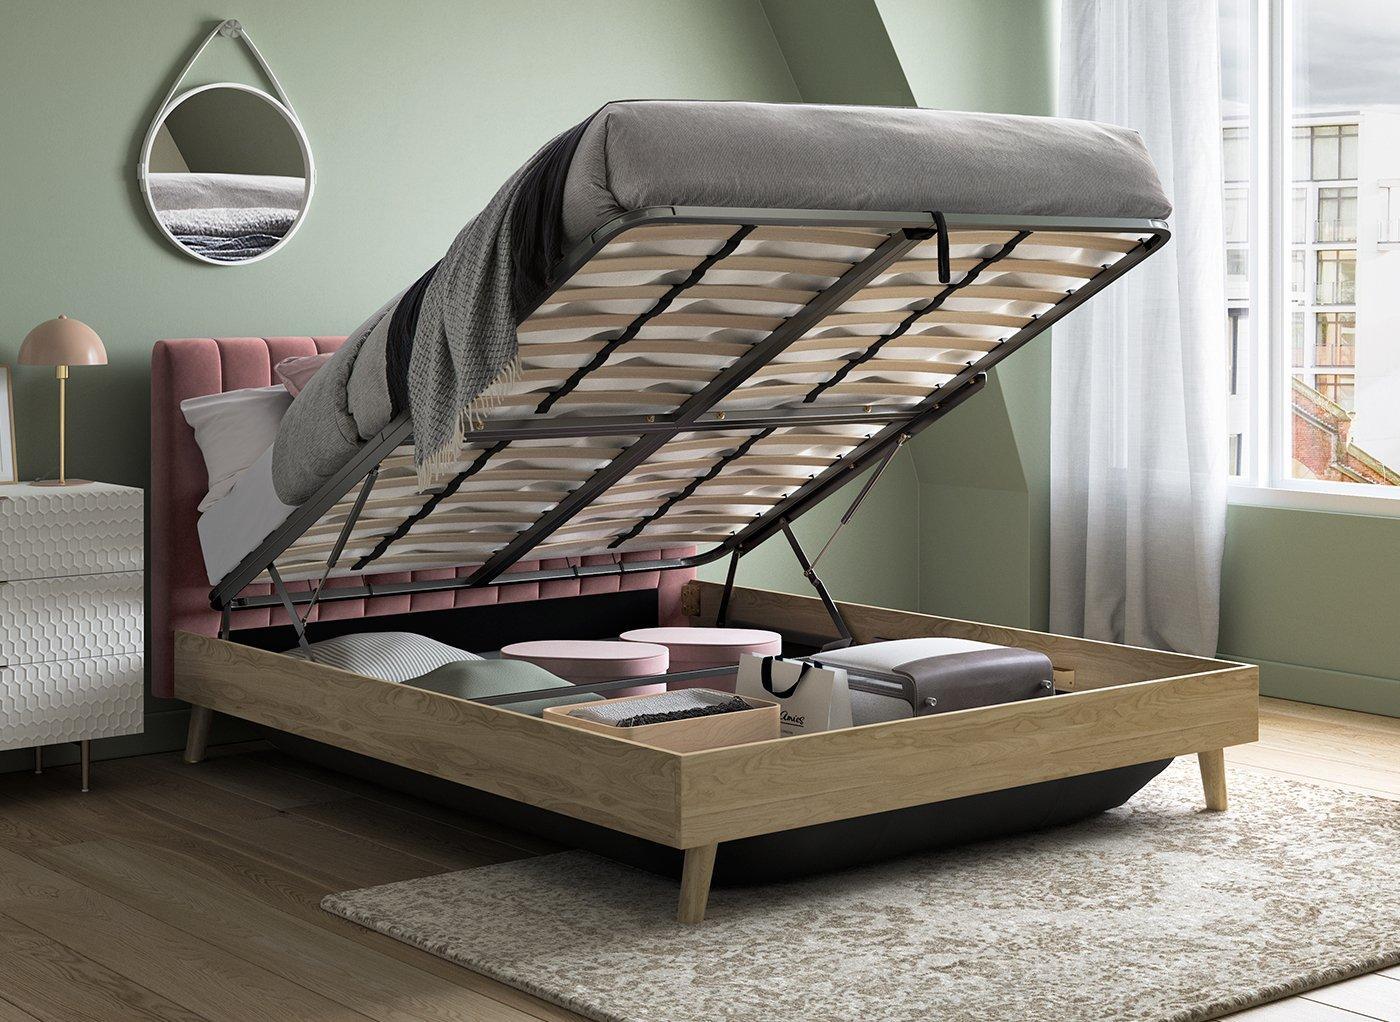 maisy-ottoman-bed-open